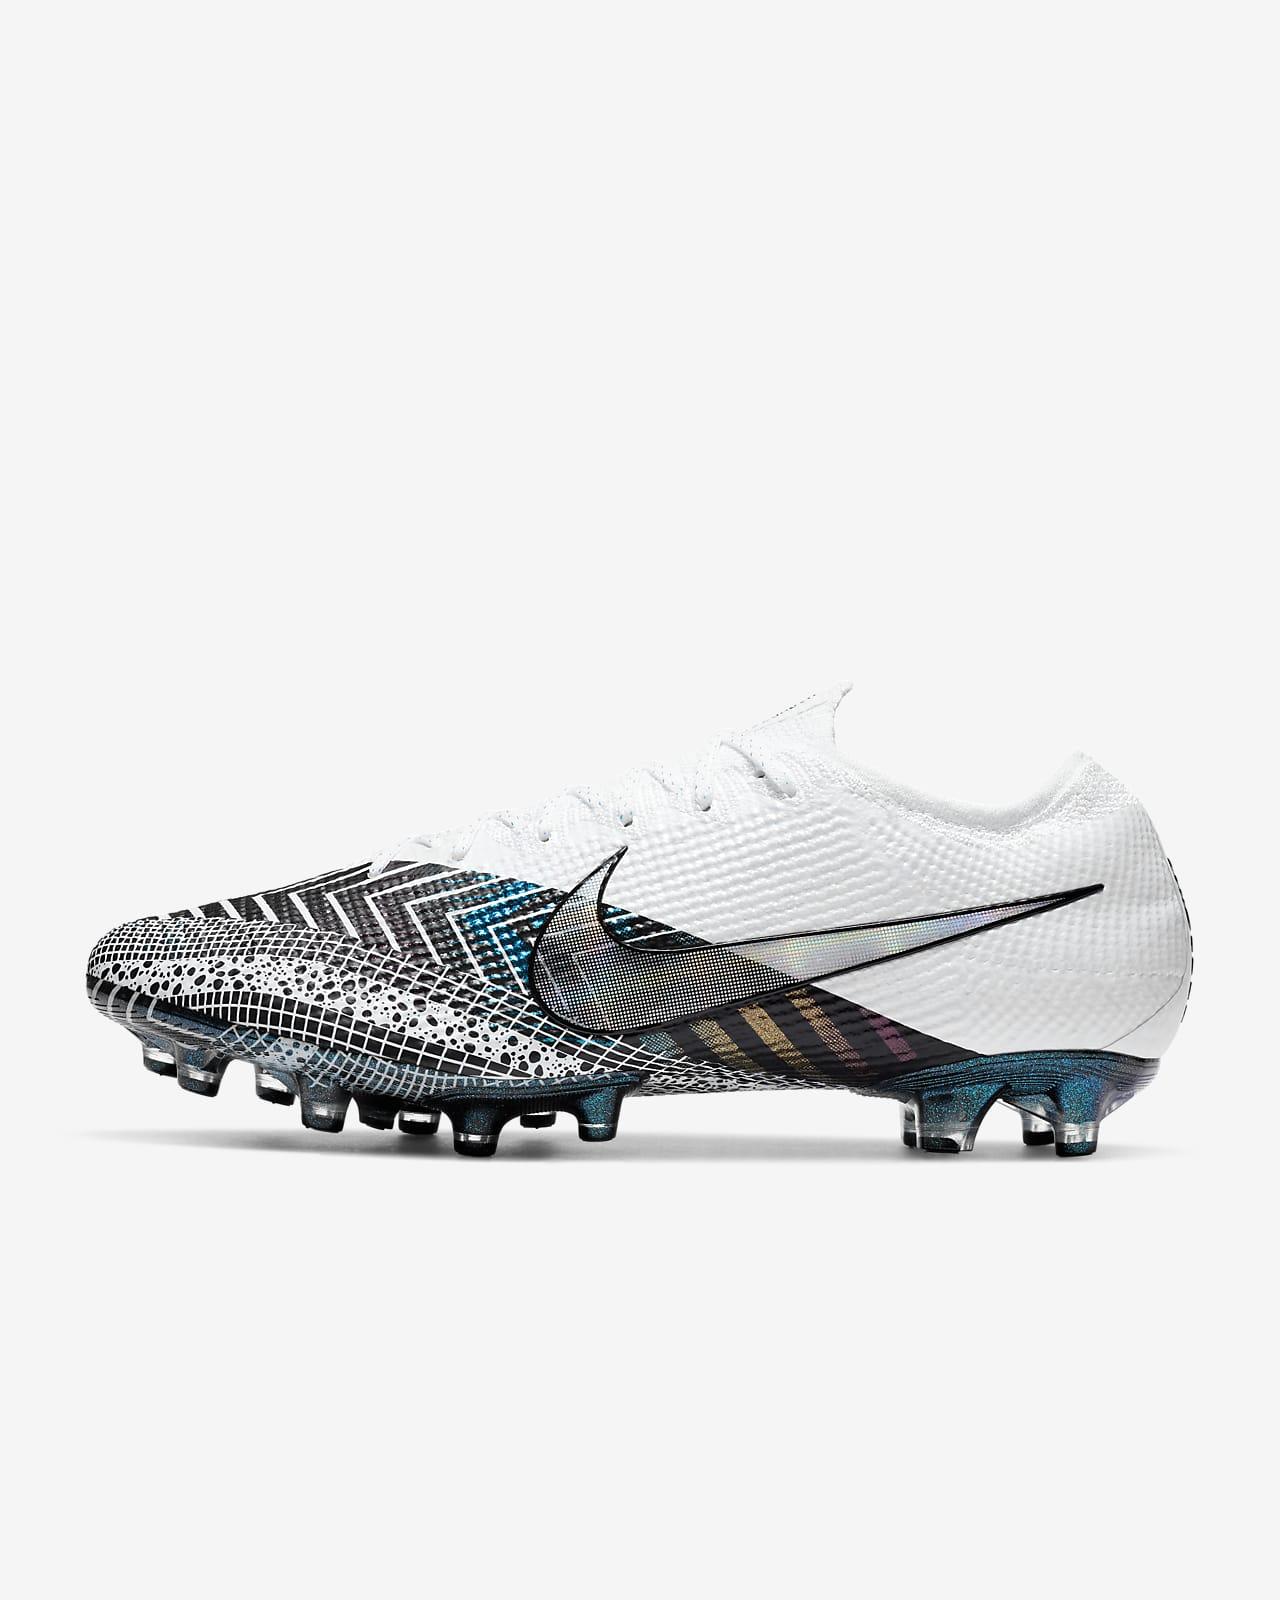 Nike Mercurial Vapor 13 Elite MDS AG-PRO fotballsko til kunstgress